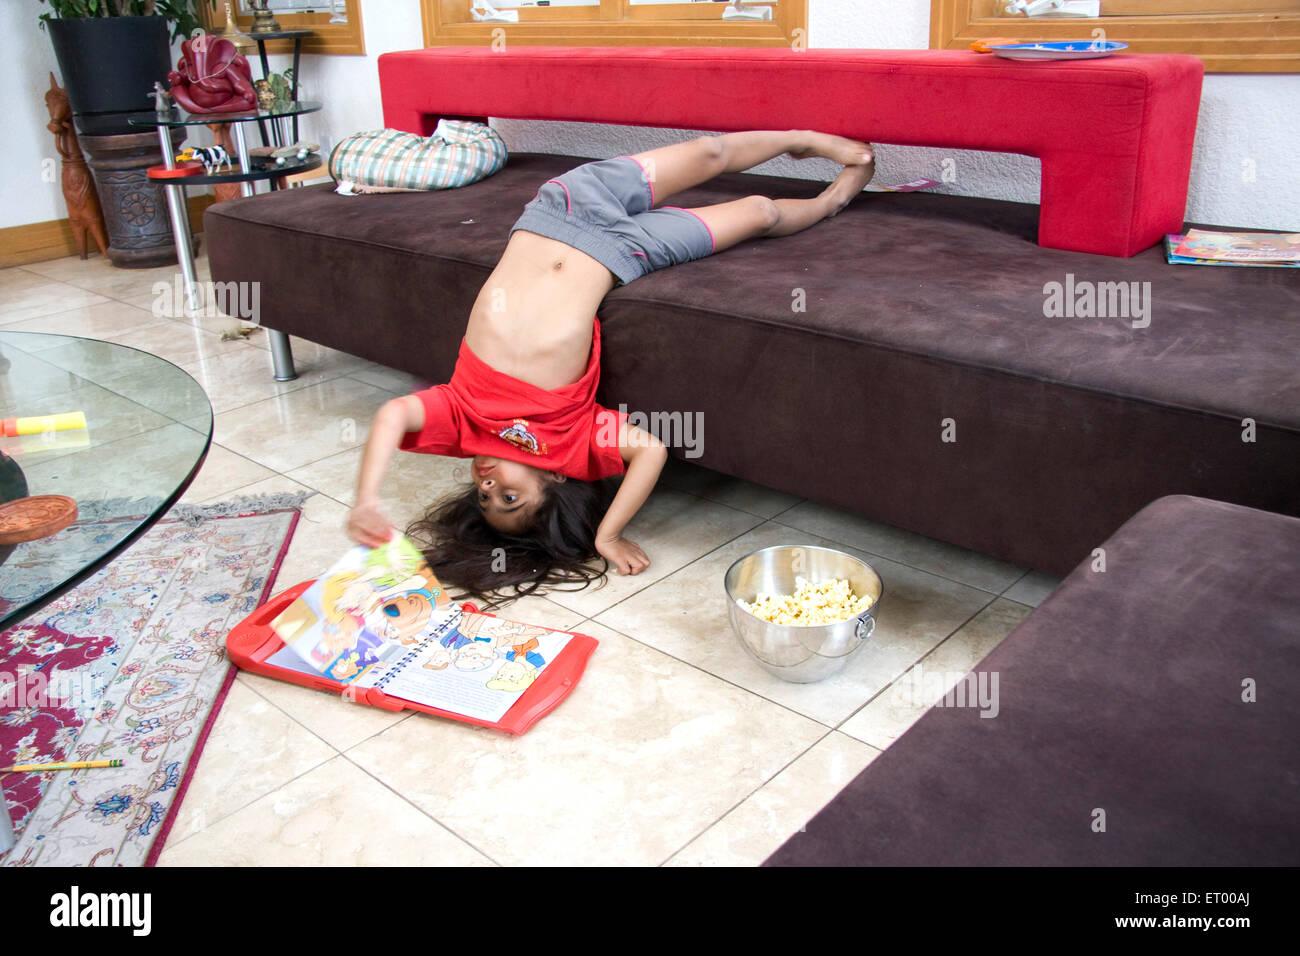 Activité de petite fille de cinq ans qui pose la tête en bas en tournant la page du livre M.#543 Photo Stock